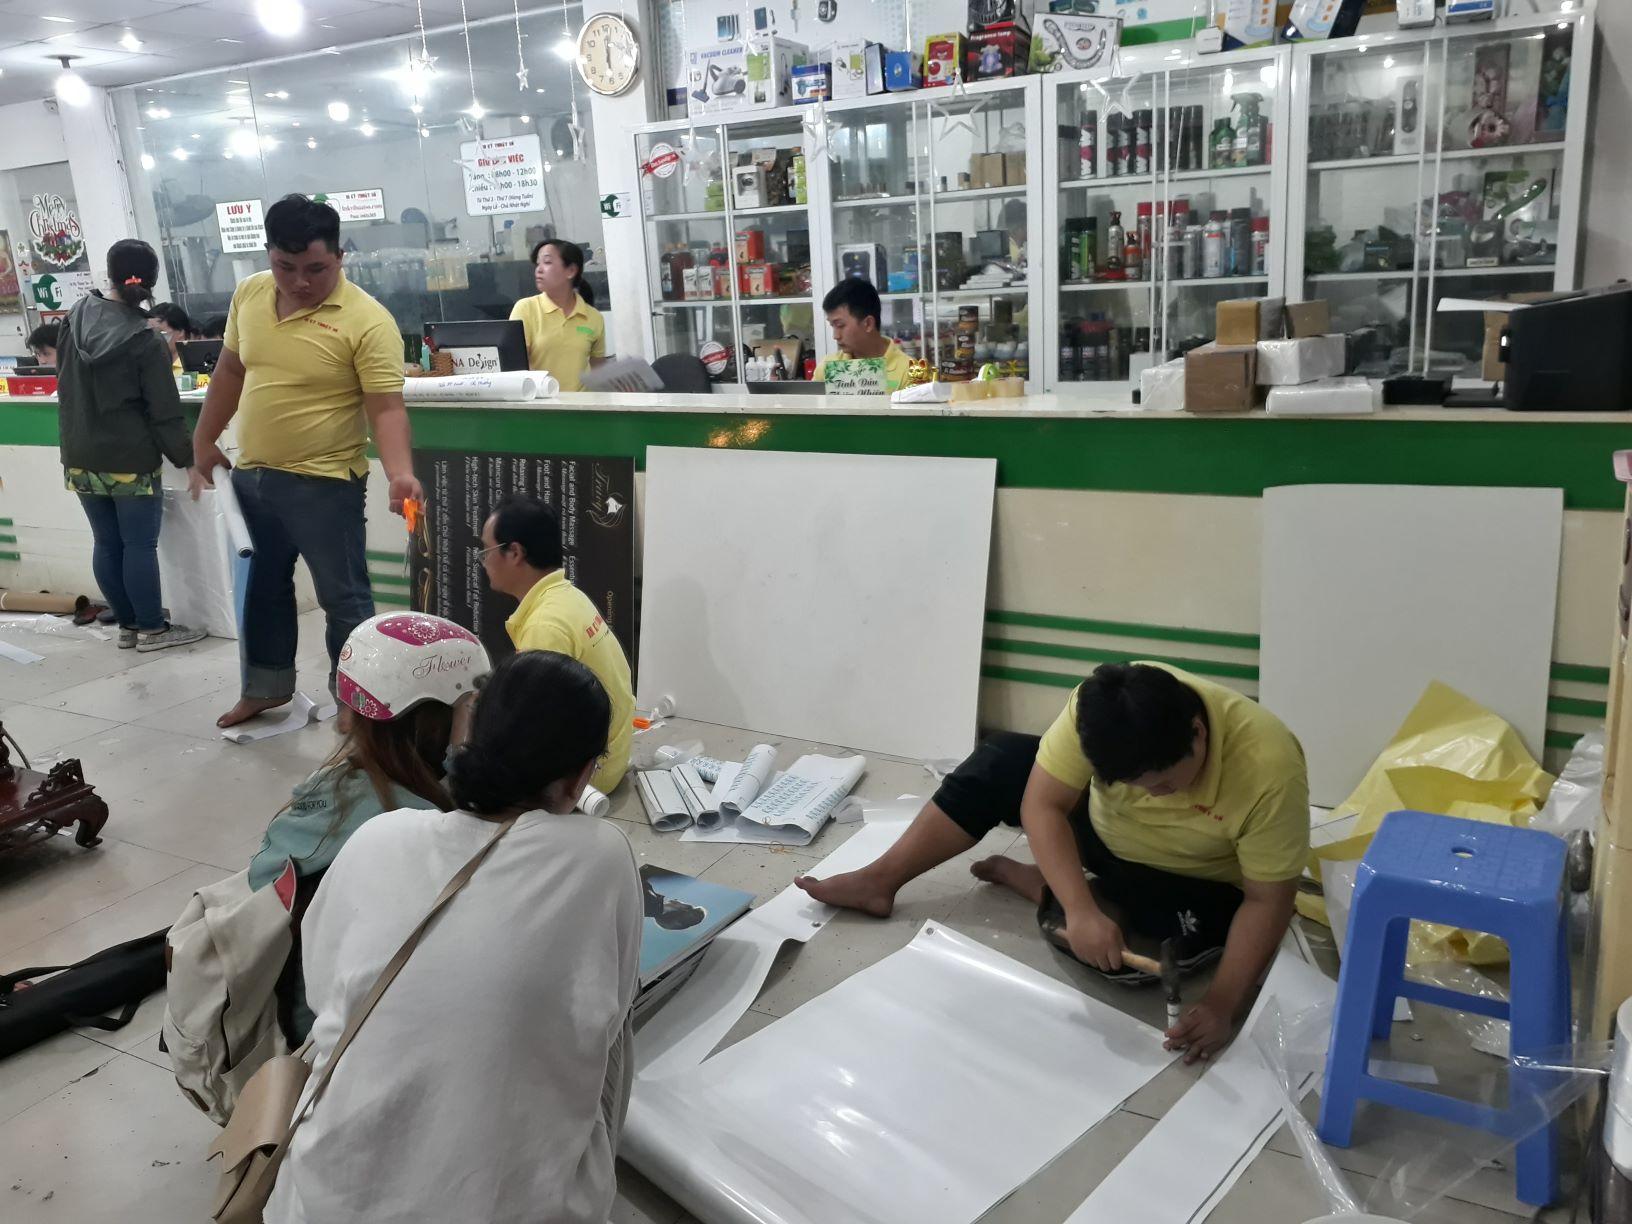 Nhân viên gia công tại In Kỹ Thuật Số luôn hỗ trợ khách hàng hoàn thiện các sản phẩm túi giấy